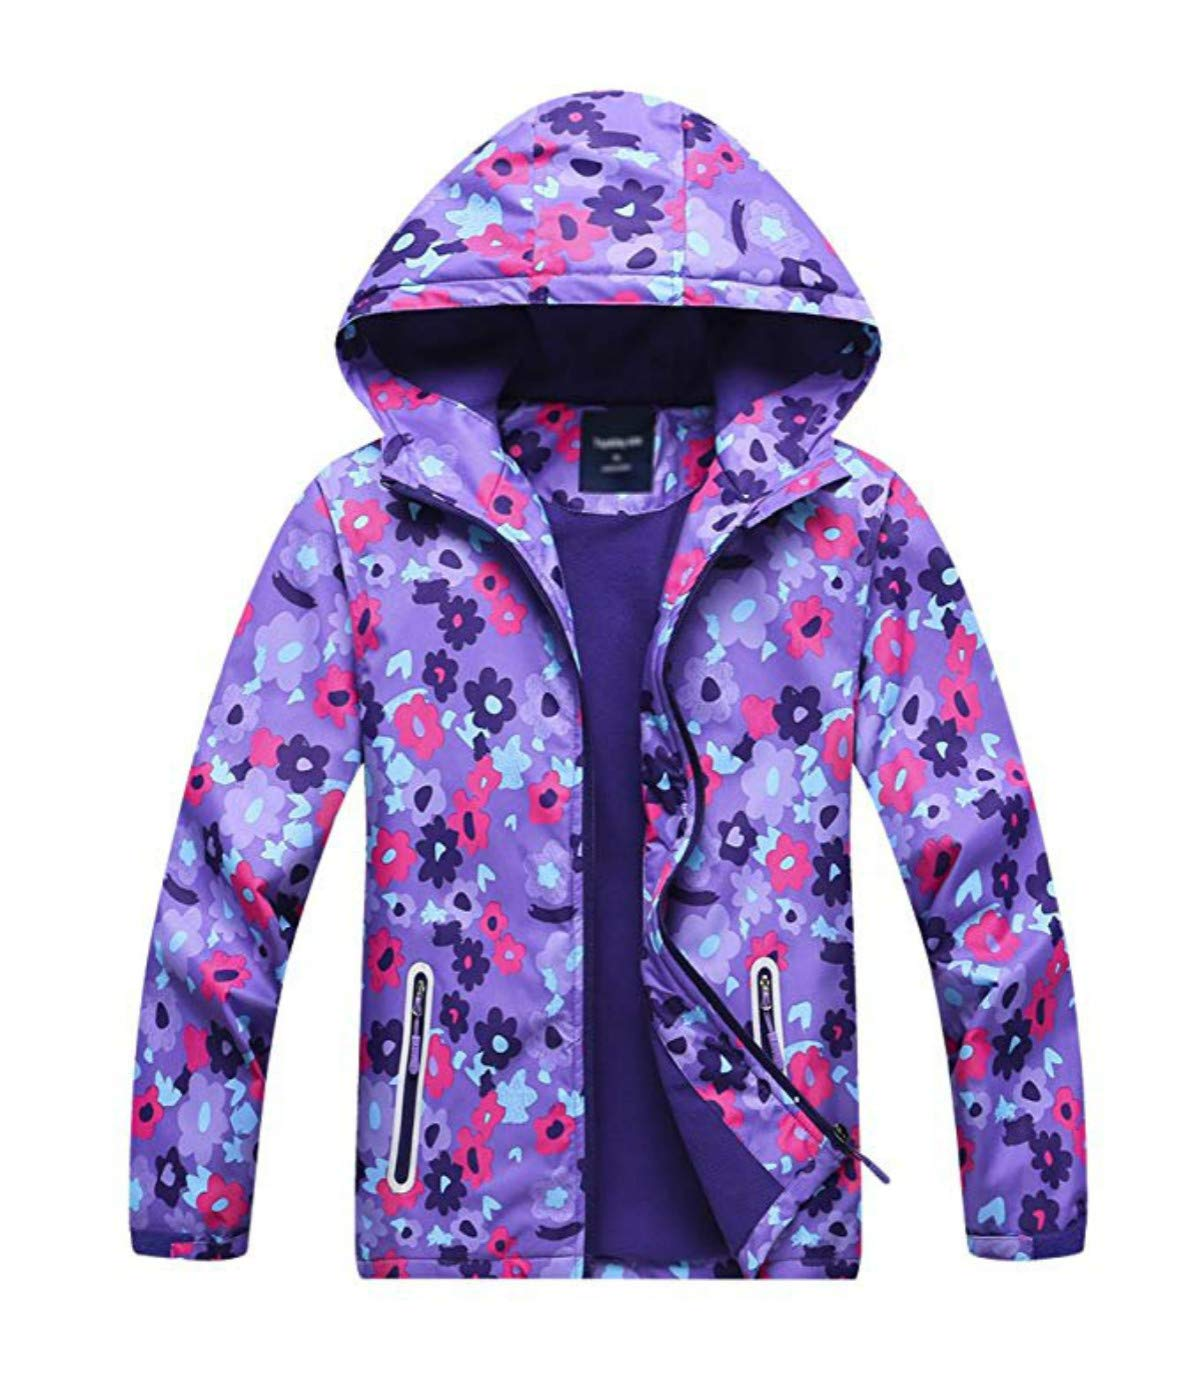 Jackets Lightweight Waterproof Hooded Windbreakers